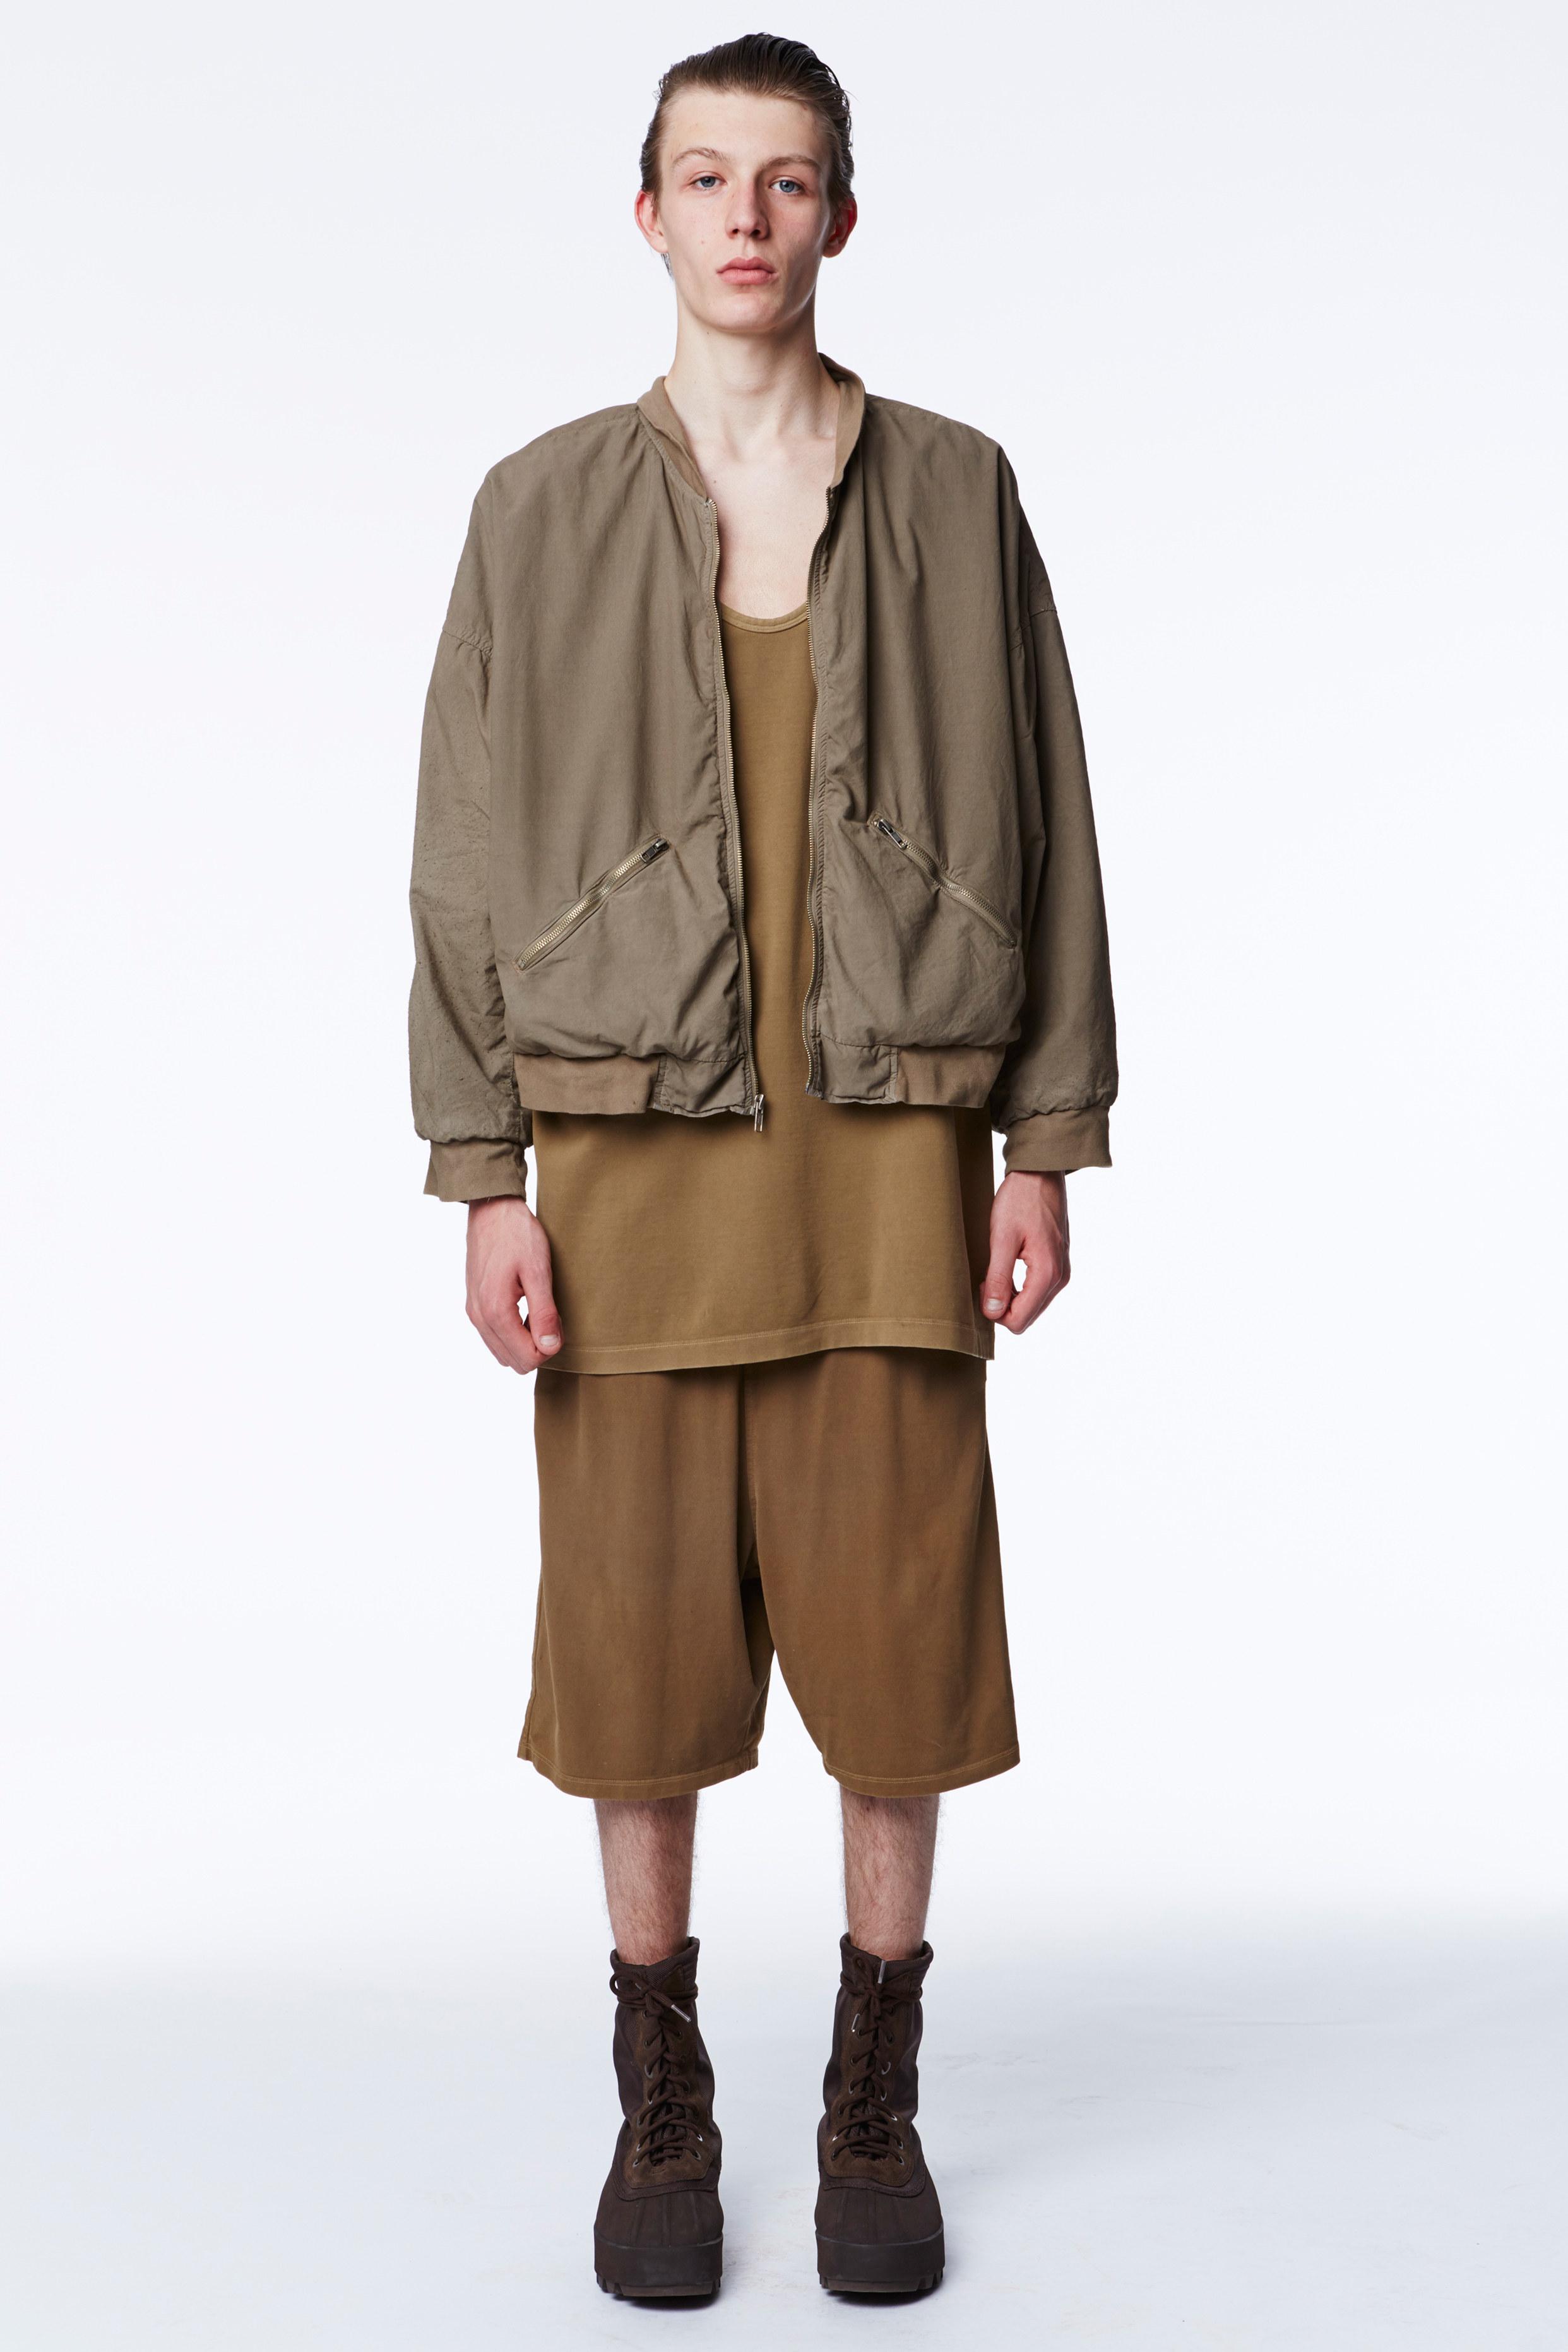 Kanye West X Adidas Originals Rtw Spring 2016 Fashionably Male